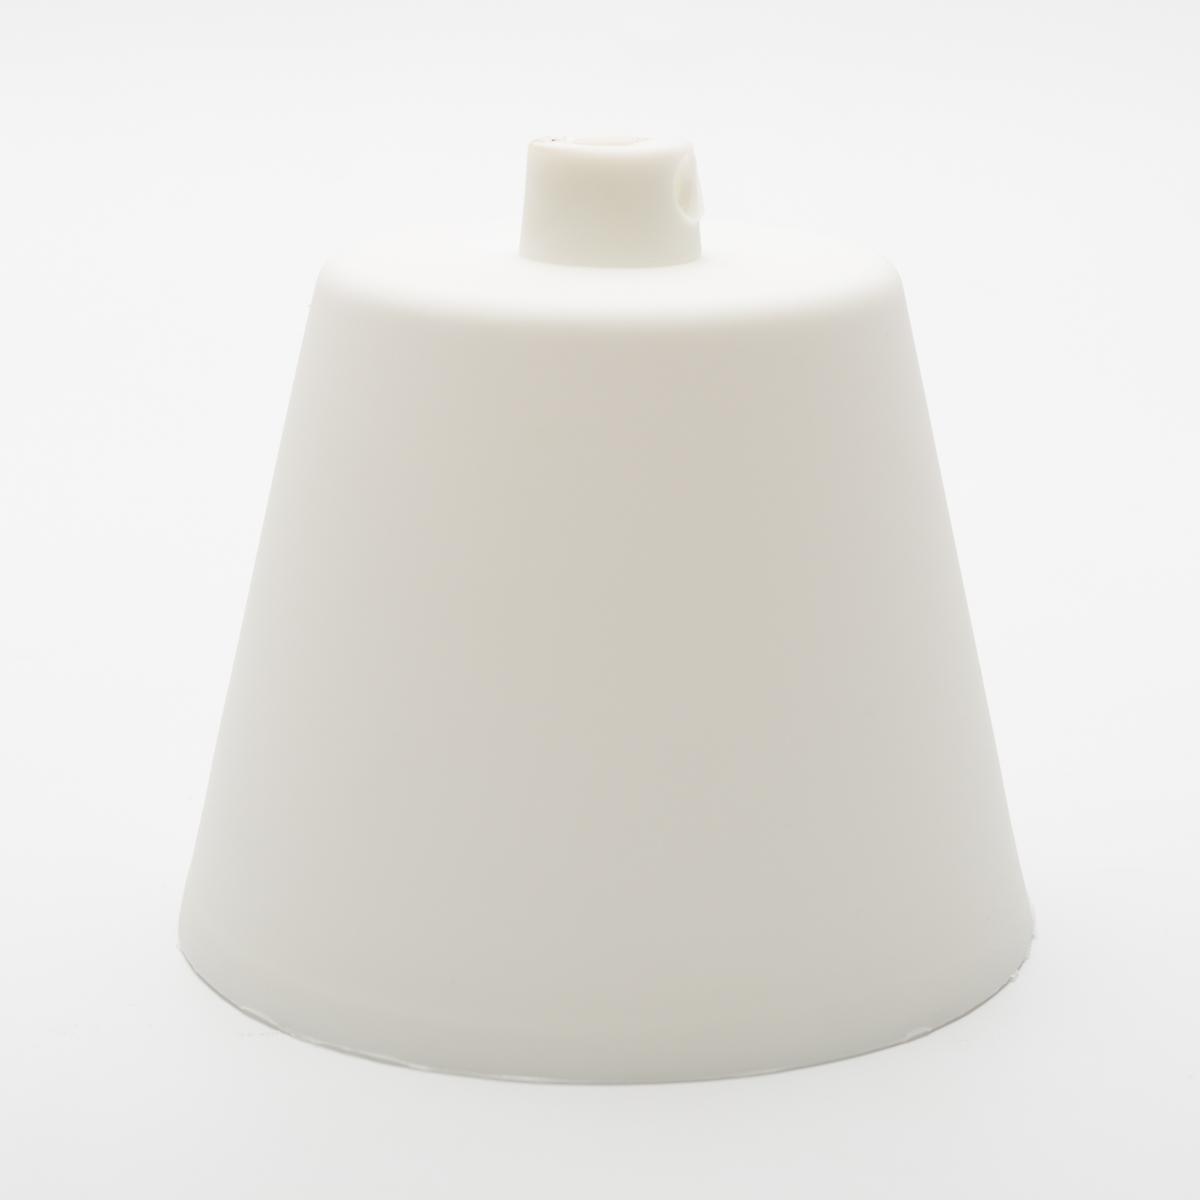 Потолочный крепеж пластиковый белый